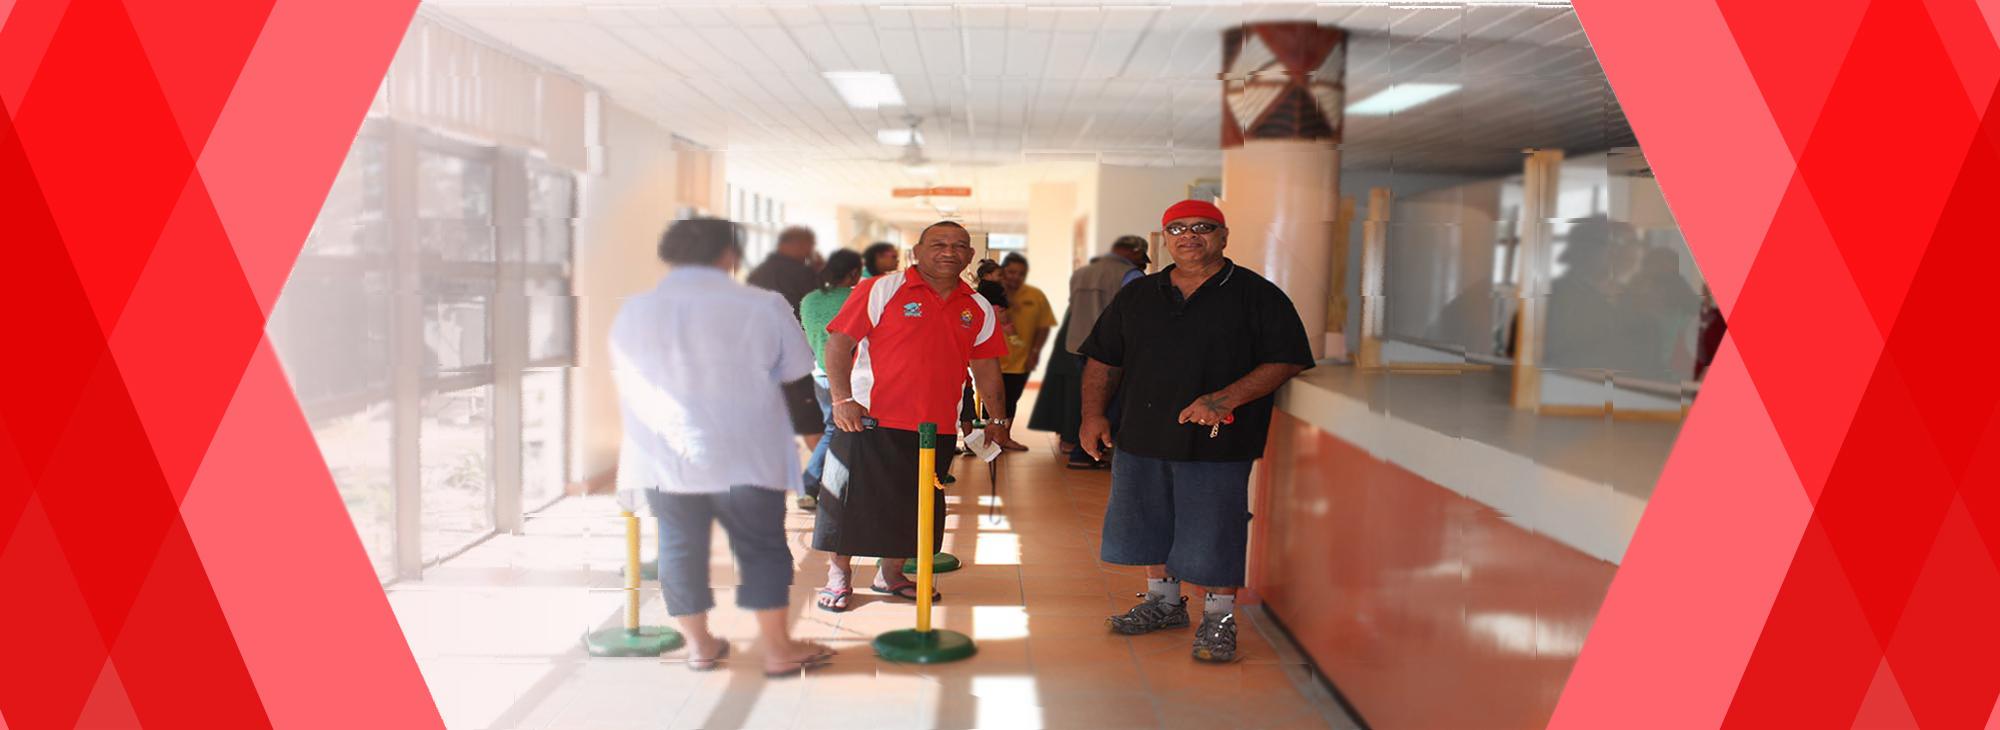 Tonga's Bank for the People of Tonga